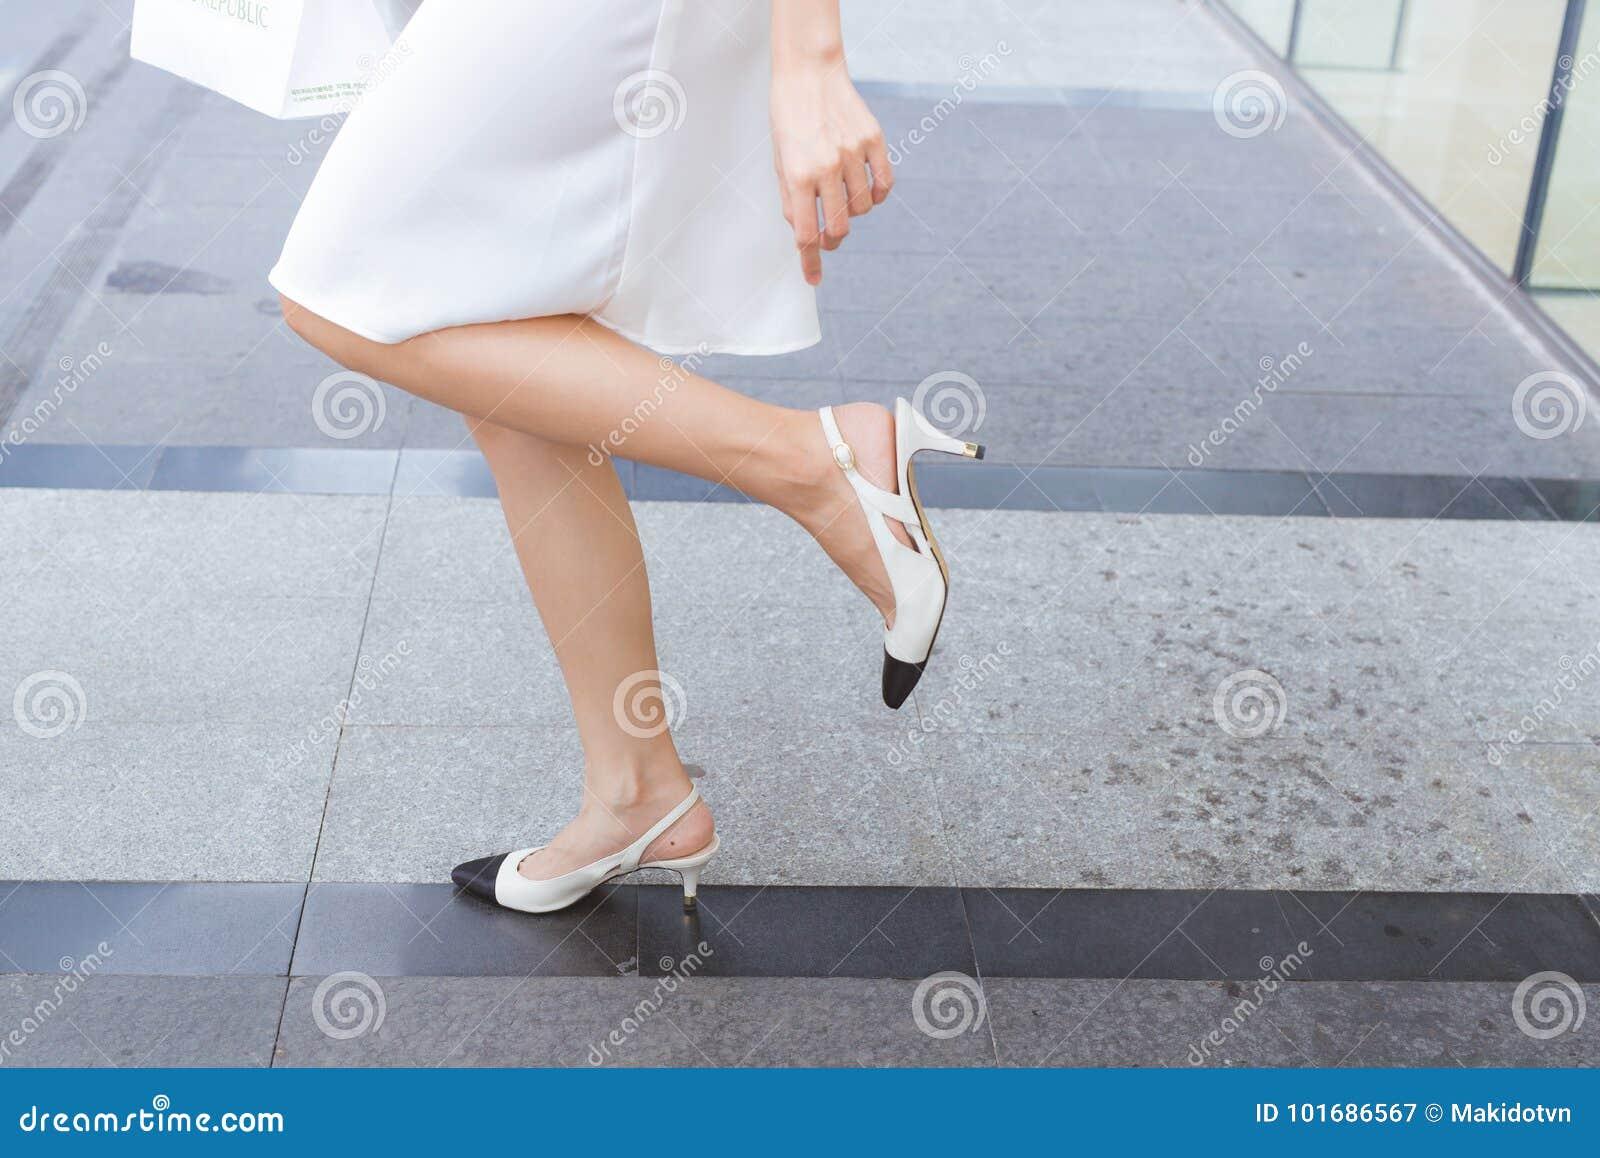 plus récent ad536 53041 La Femme Sur Des Talons Hauts A Des Difficultés à Marcher ...